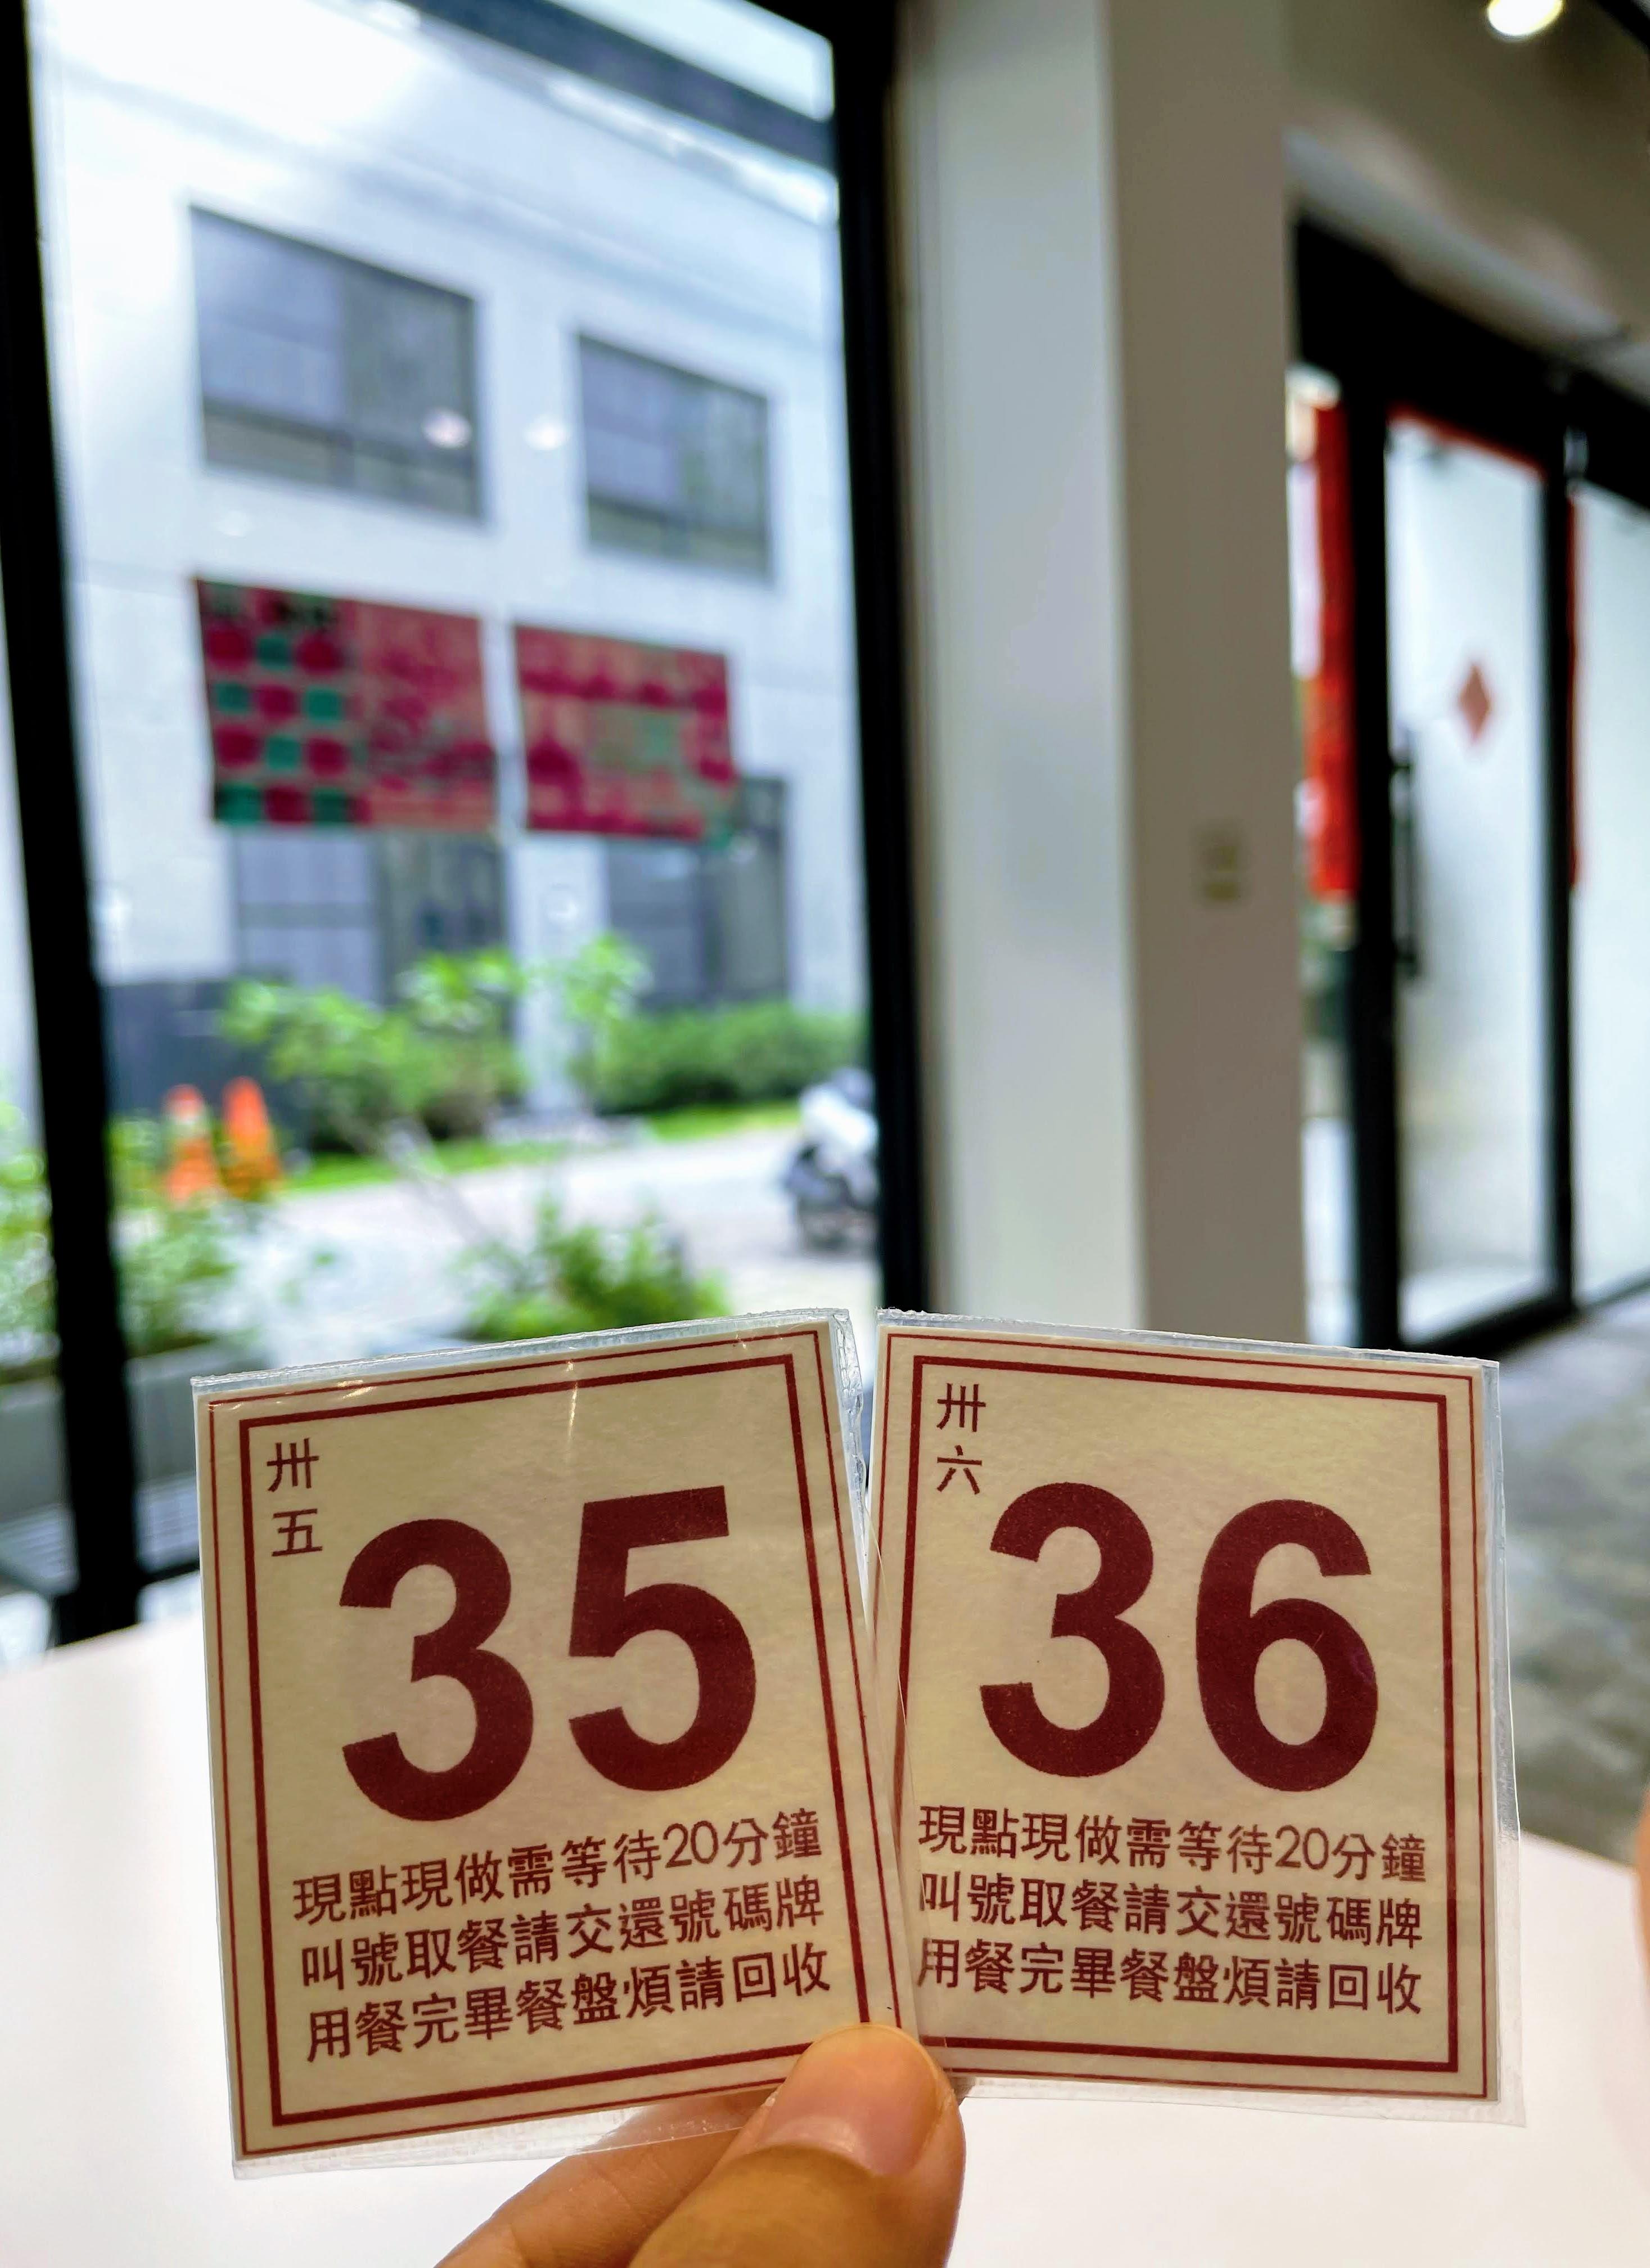 [台南][東區] 寓點|套餐式港式點心|早起才吃得到的道地港式料理超人氣店家